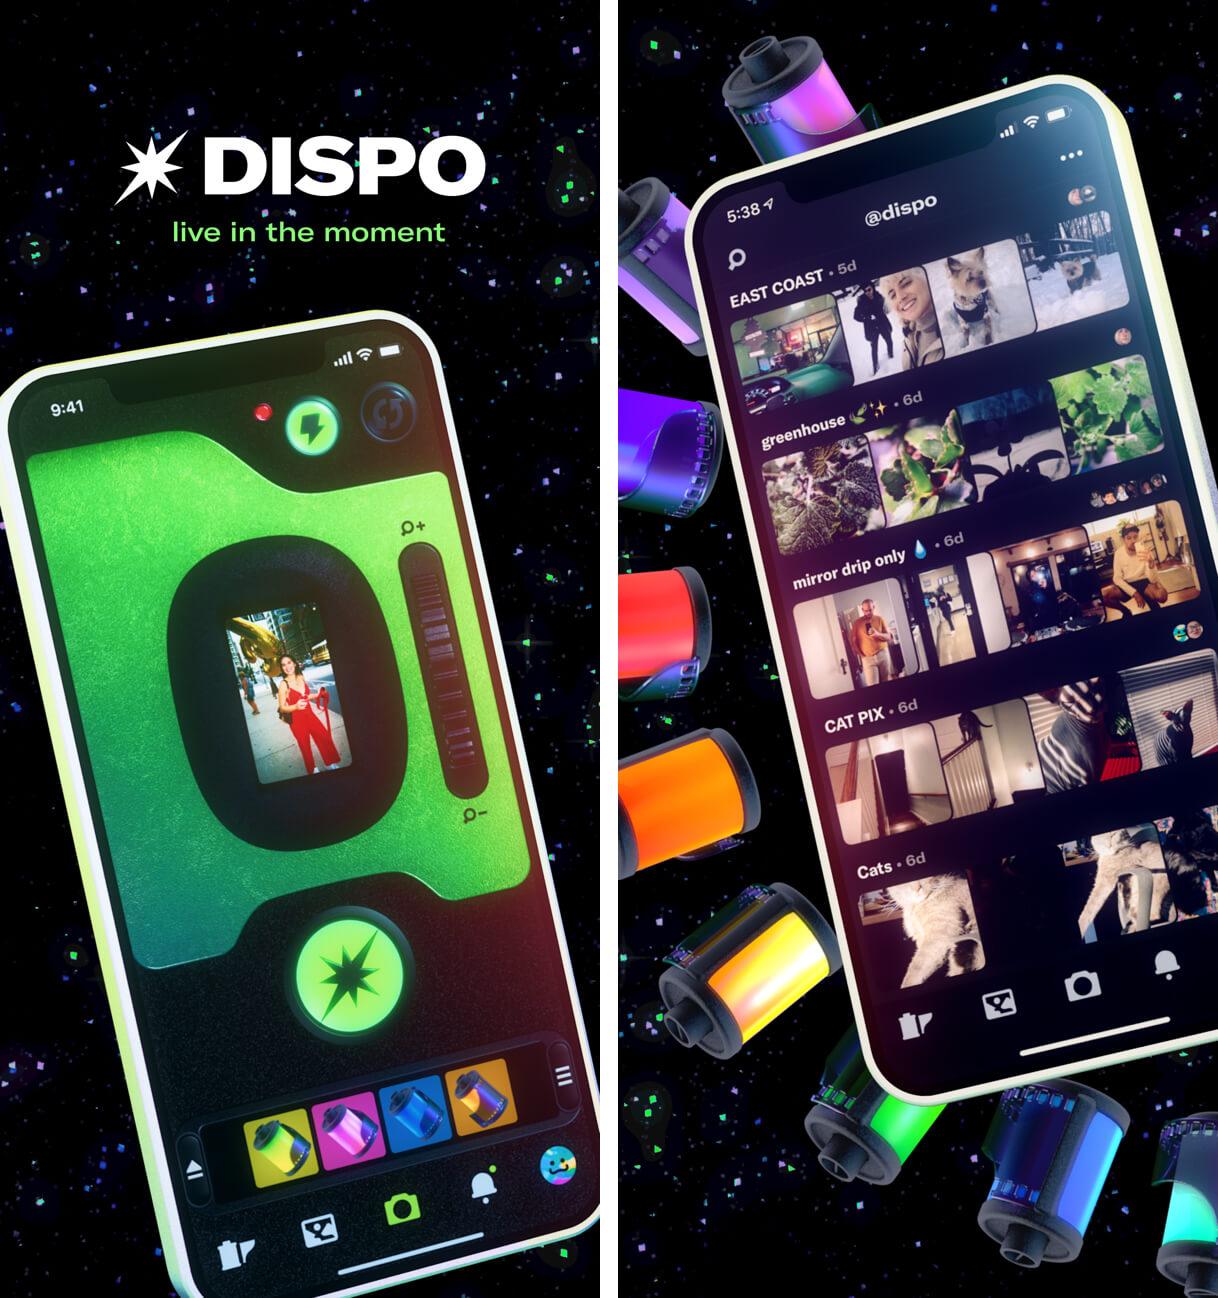 Dispo скриншот (фото)